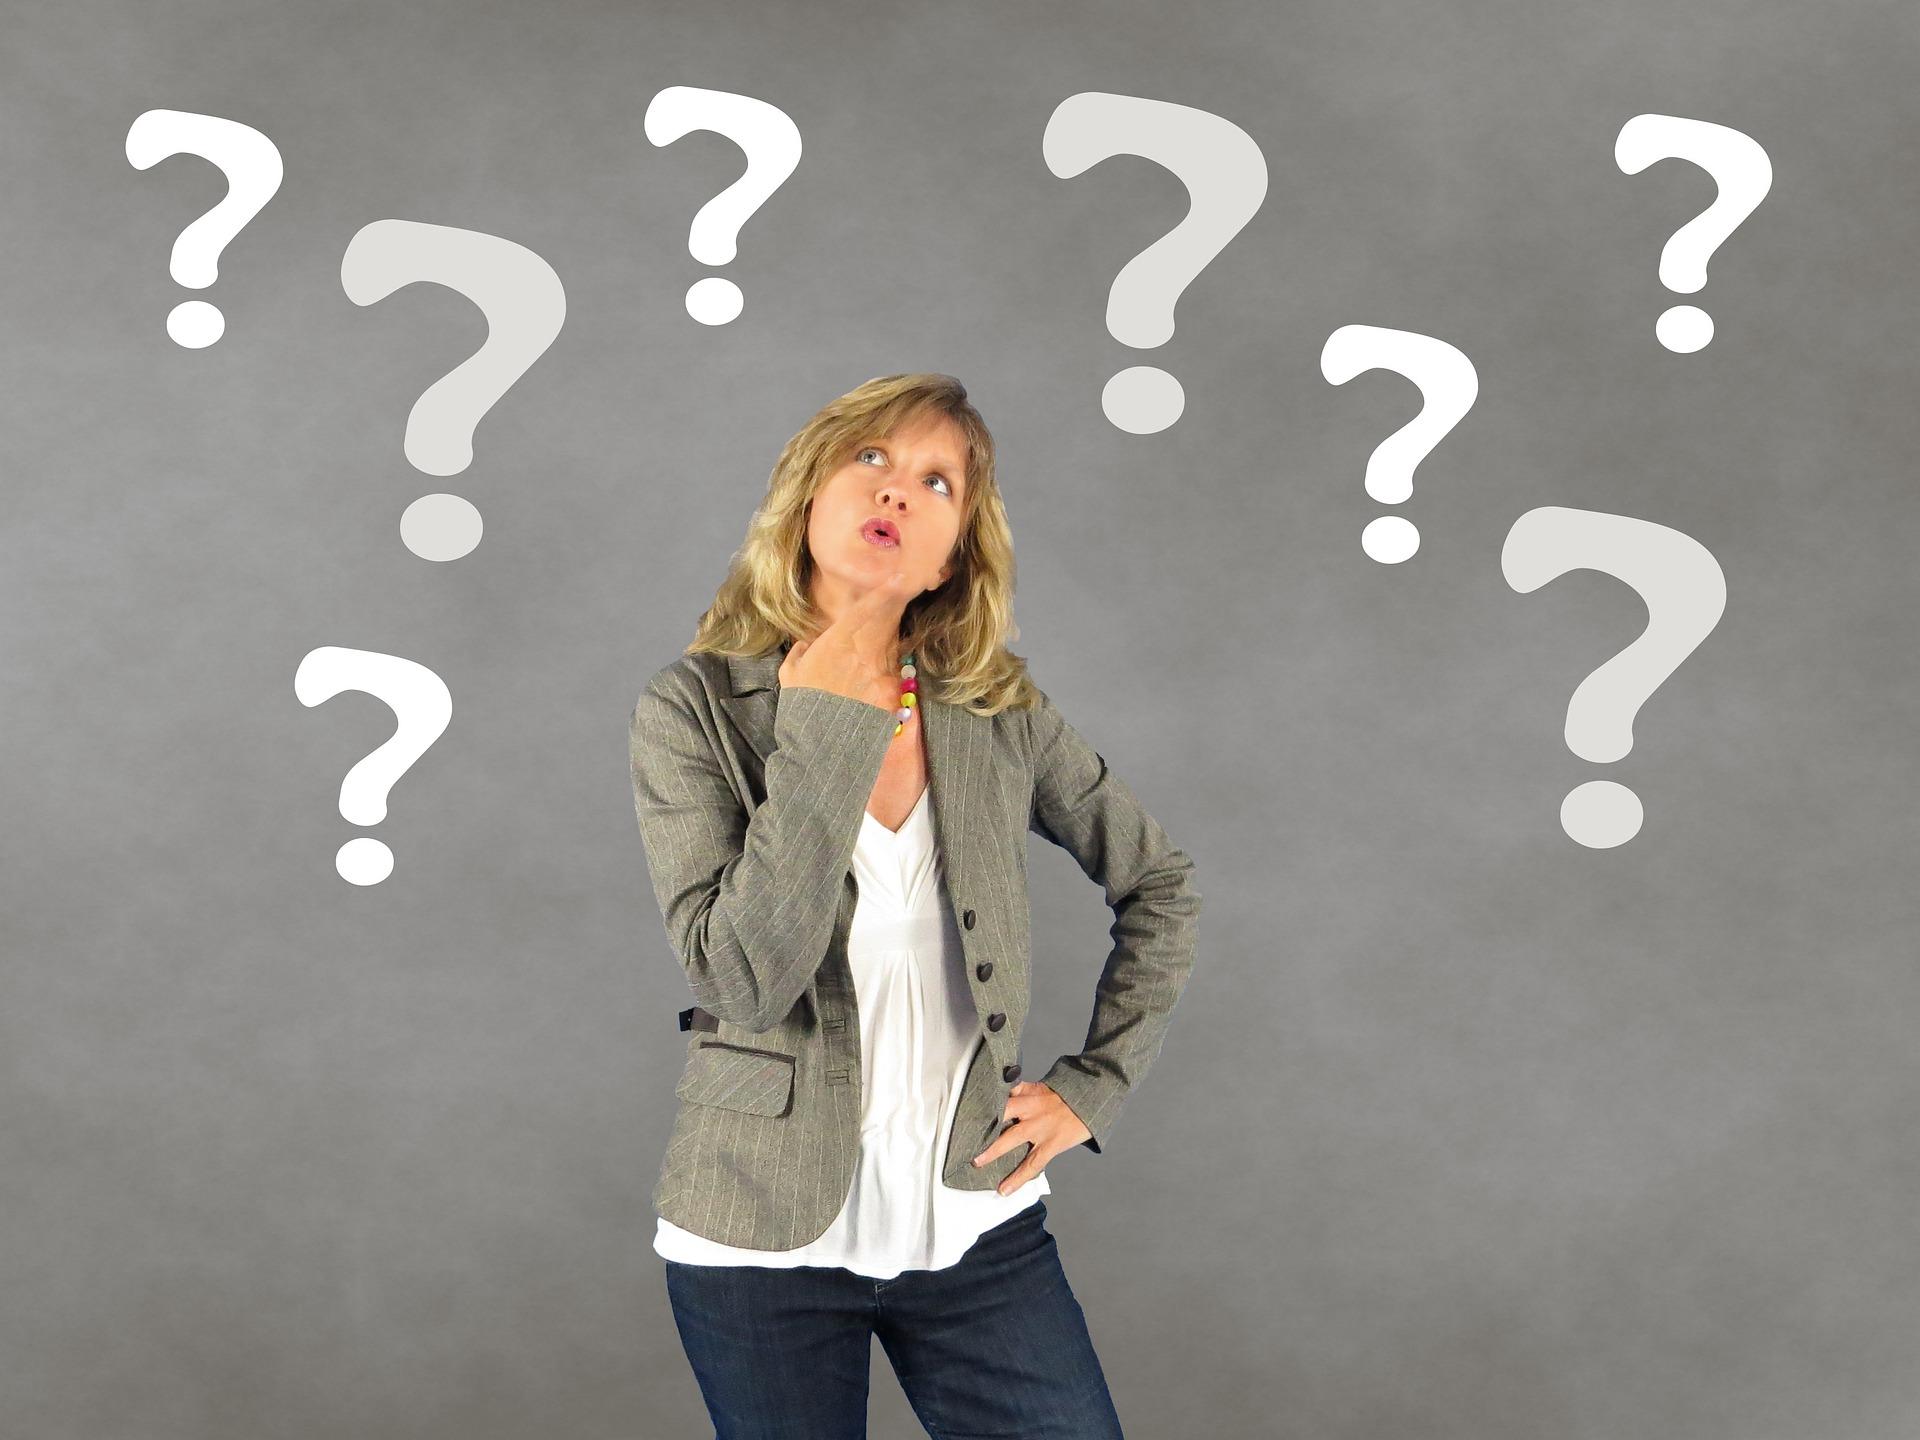 Comment vos questions déterminent votre vie ?